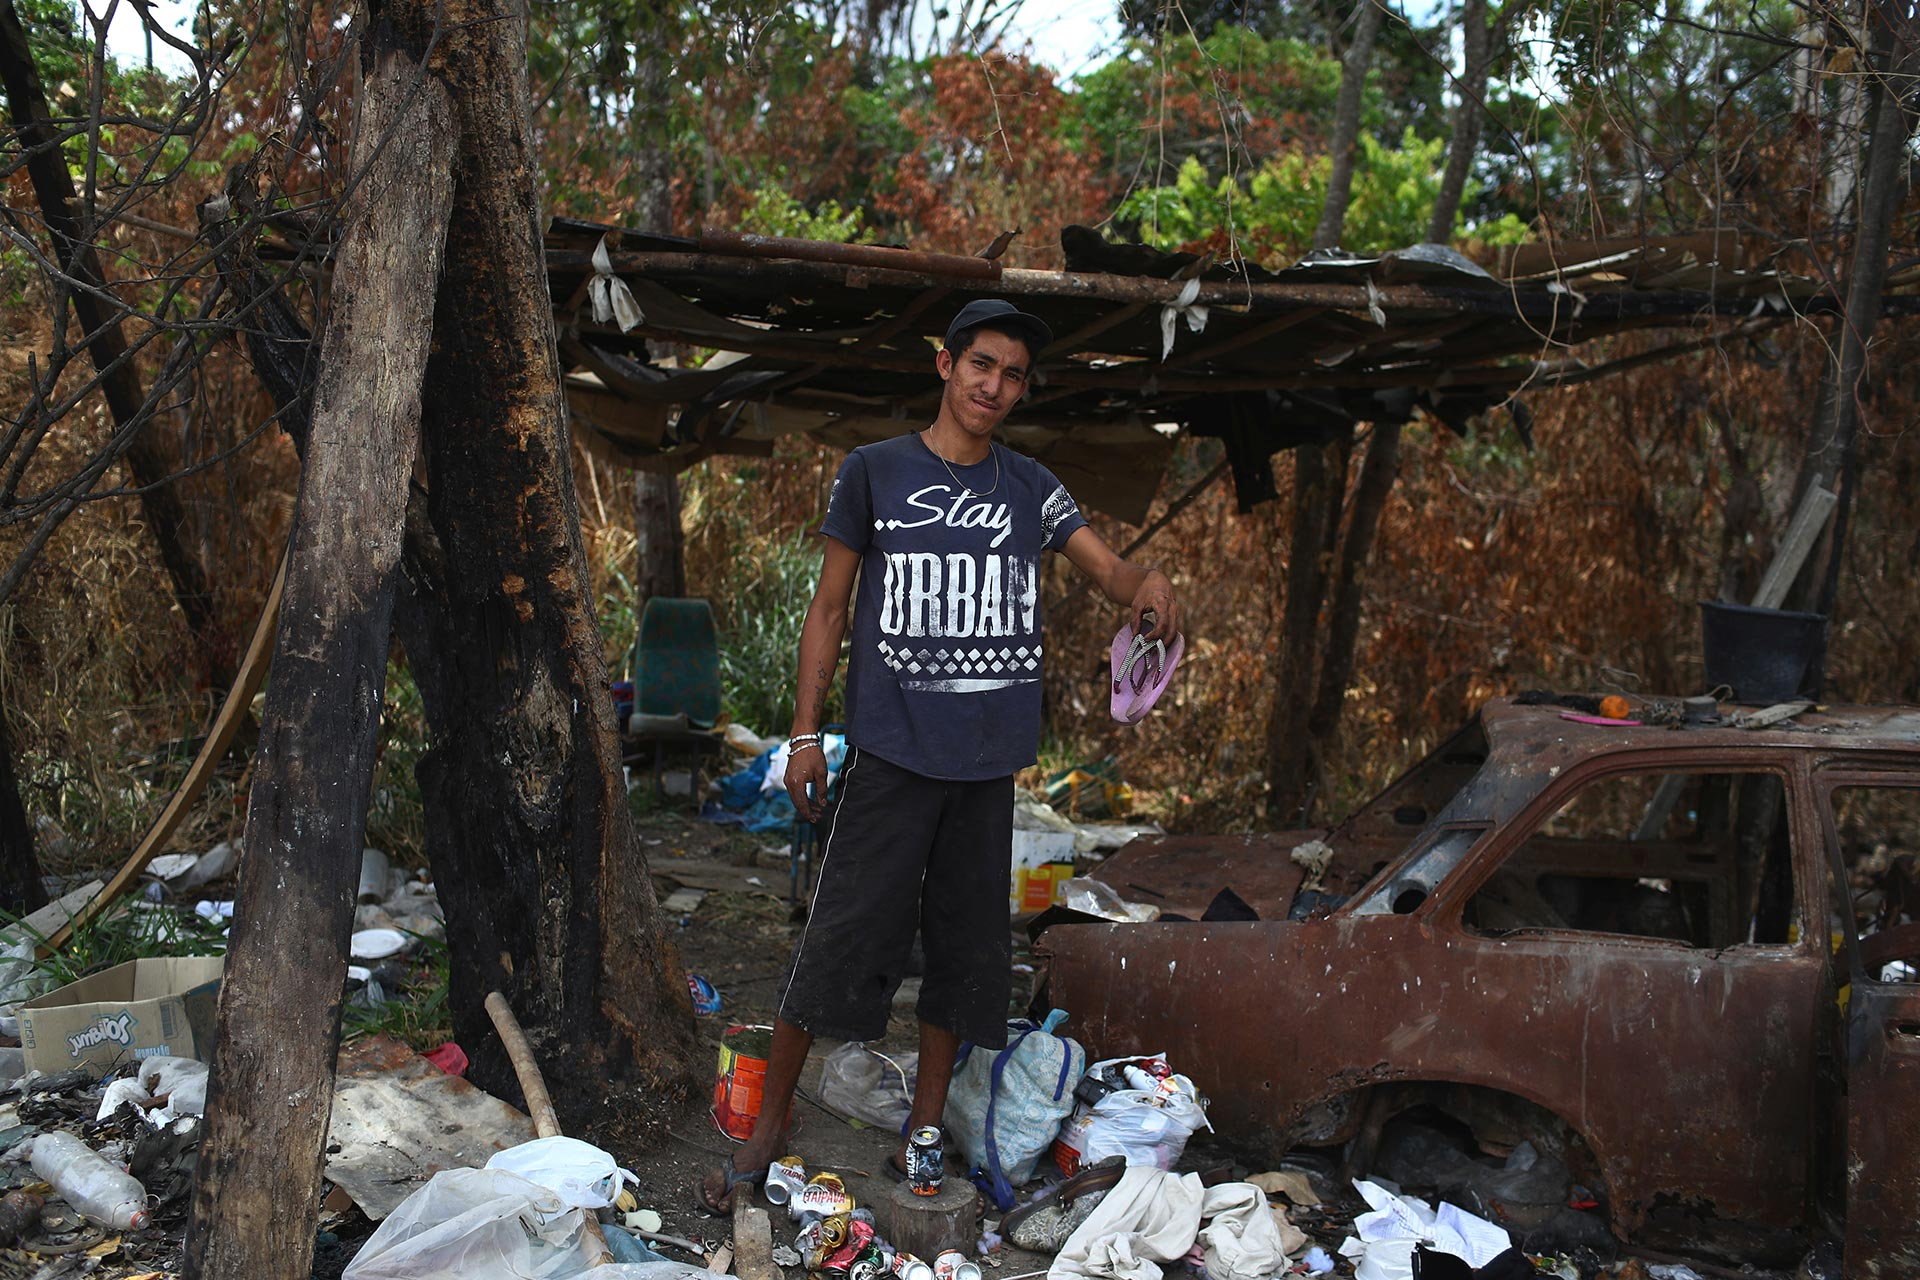 Alrededor de 3,7 millones de personas han abandonado Venezuela en los últimos años (REUTERS/Pilar Olivares)